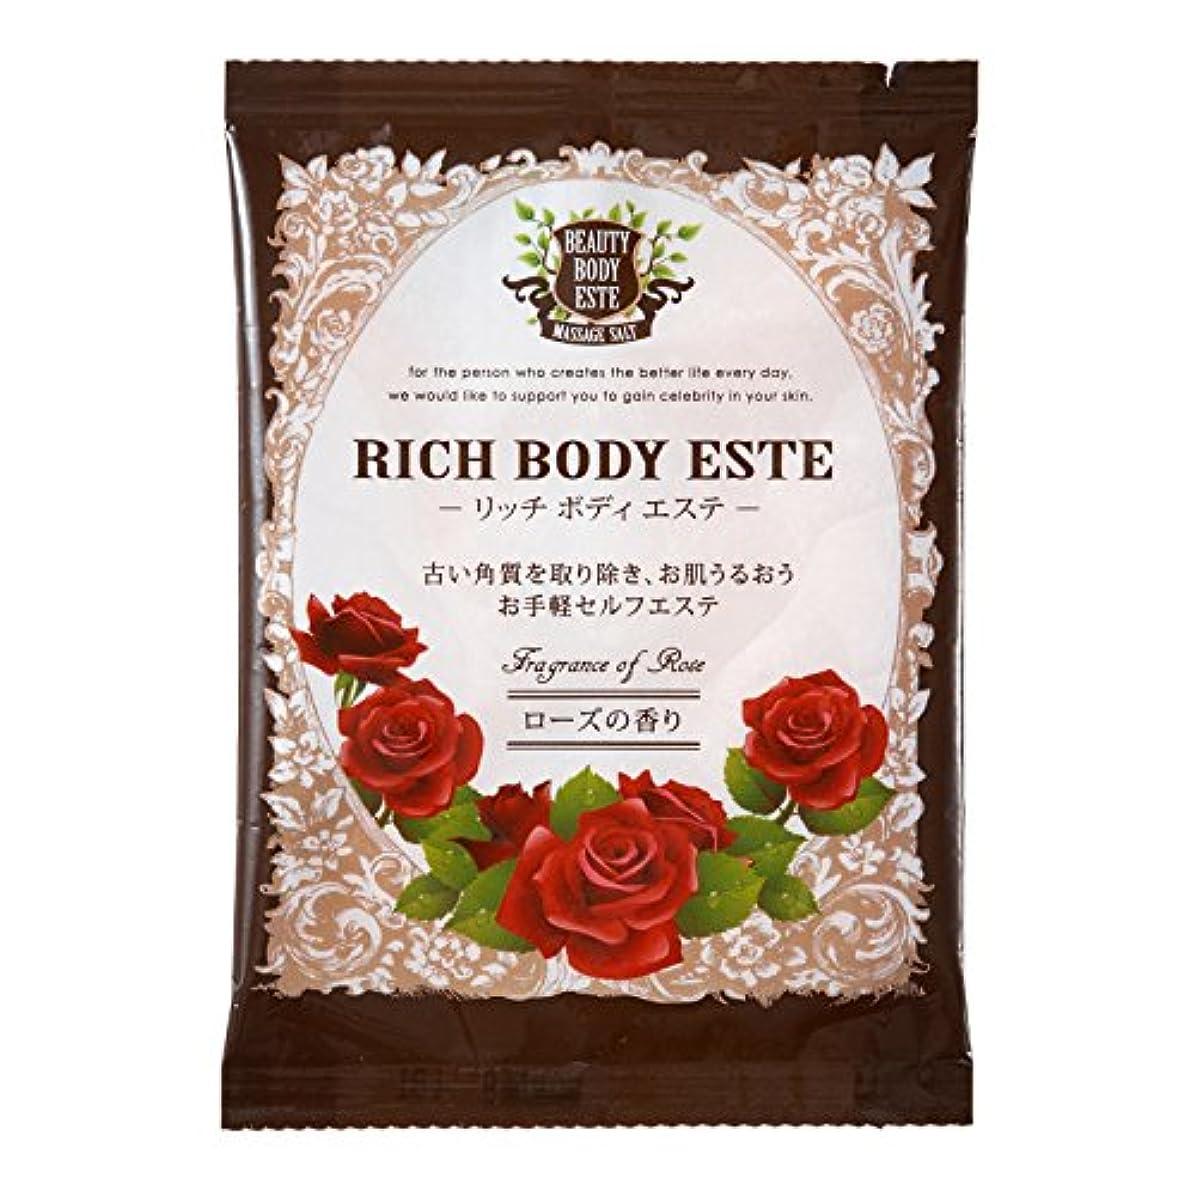 お茶アレンジバーベキューリッチボディエステ マッサージソルト(ローズ)50g 50個